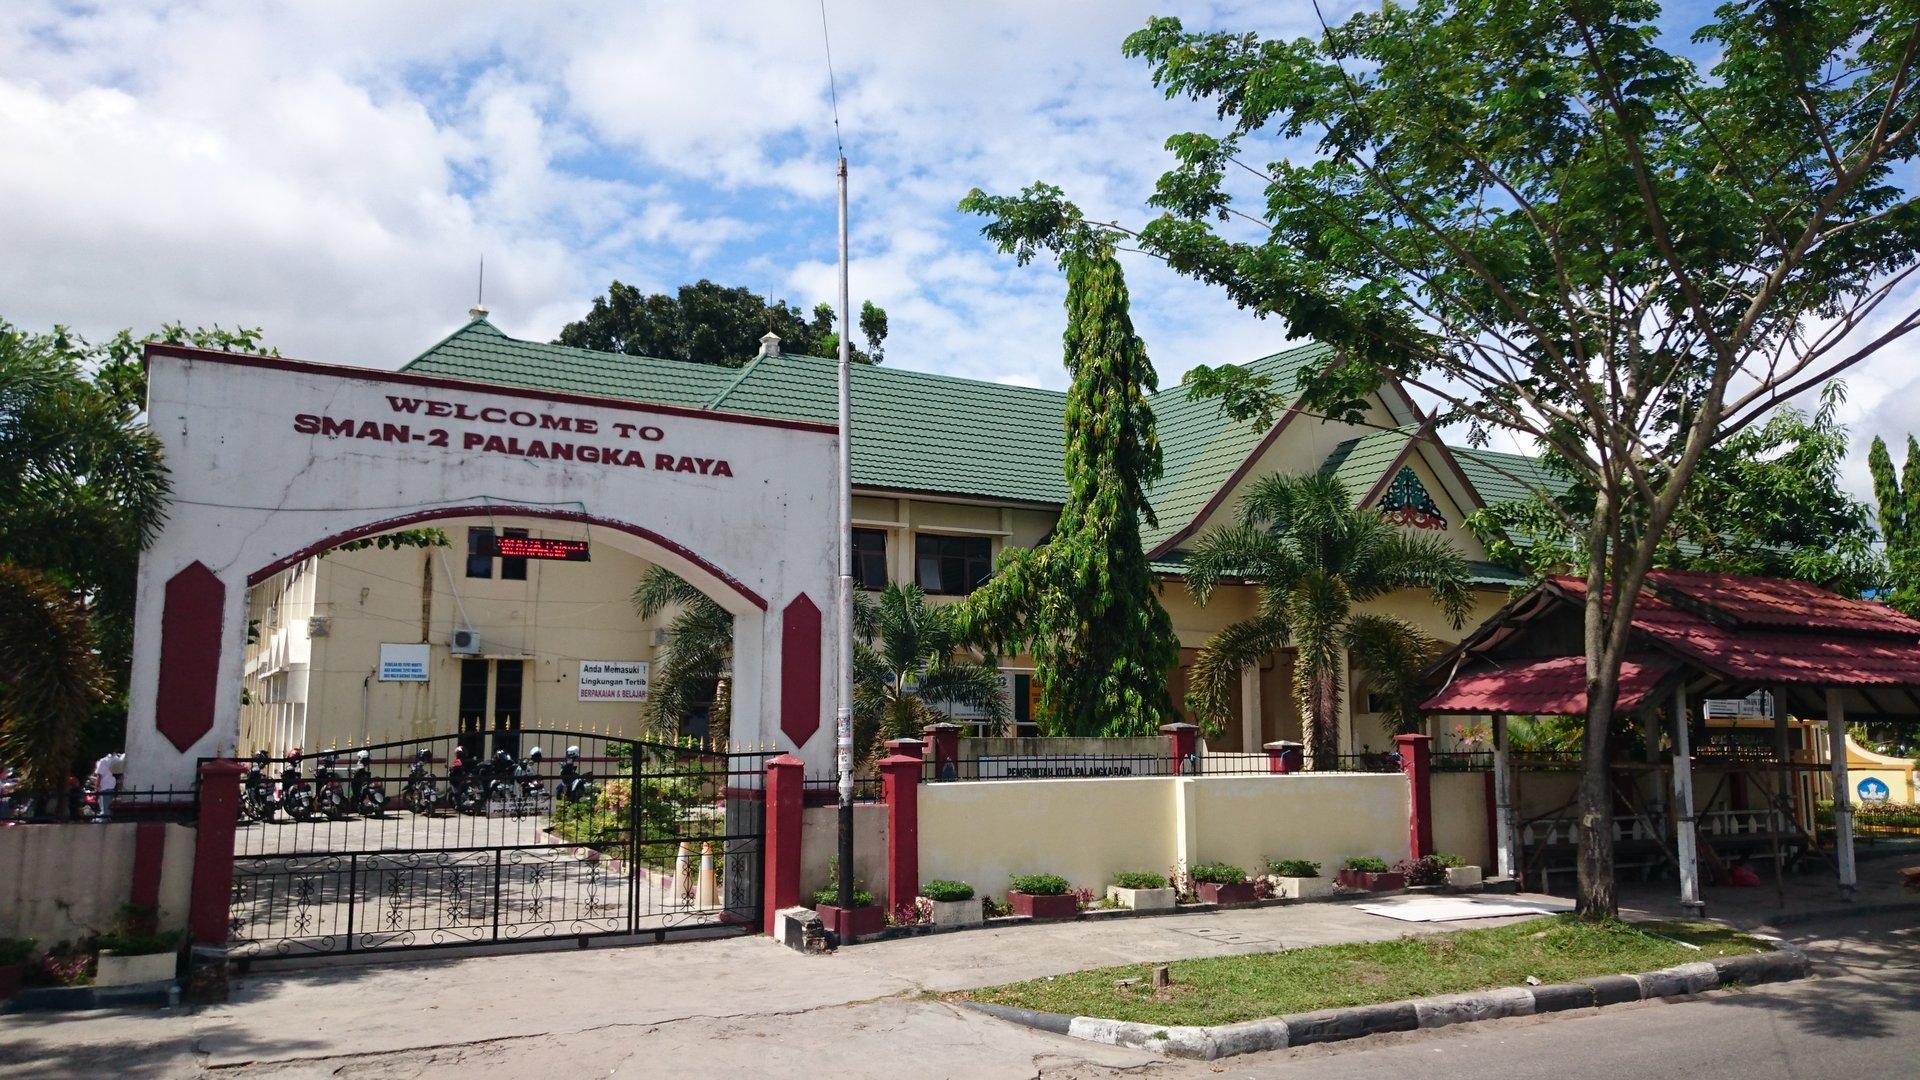 Rumah Adat Betang Keterangannya Denah Kalteng Kalimantan Tengah U2013 Bentang